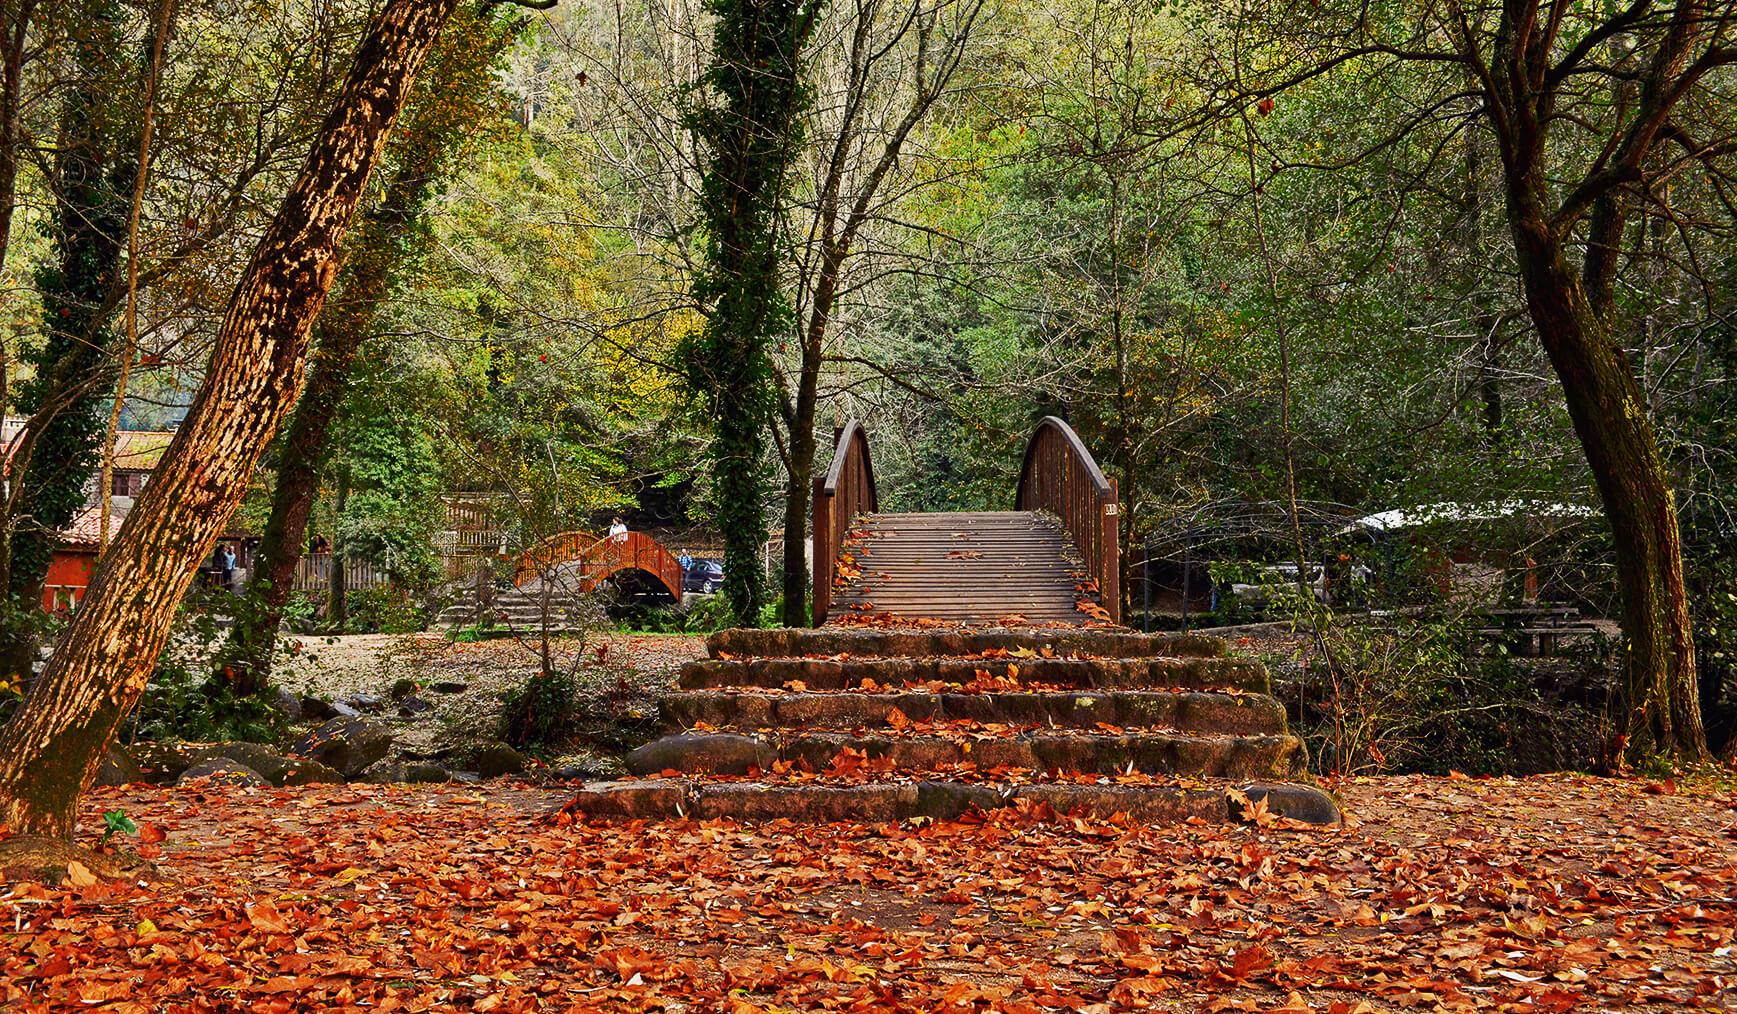 río barosa puente en otoño